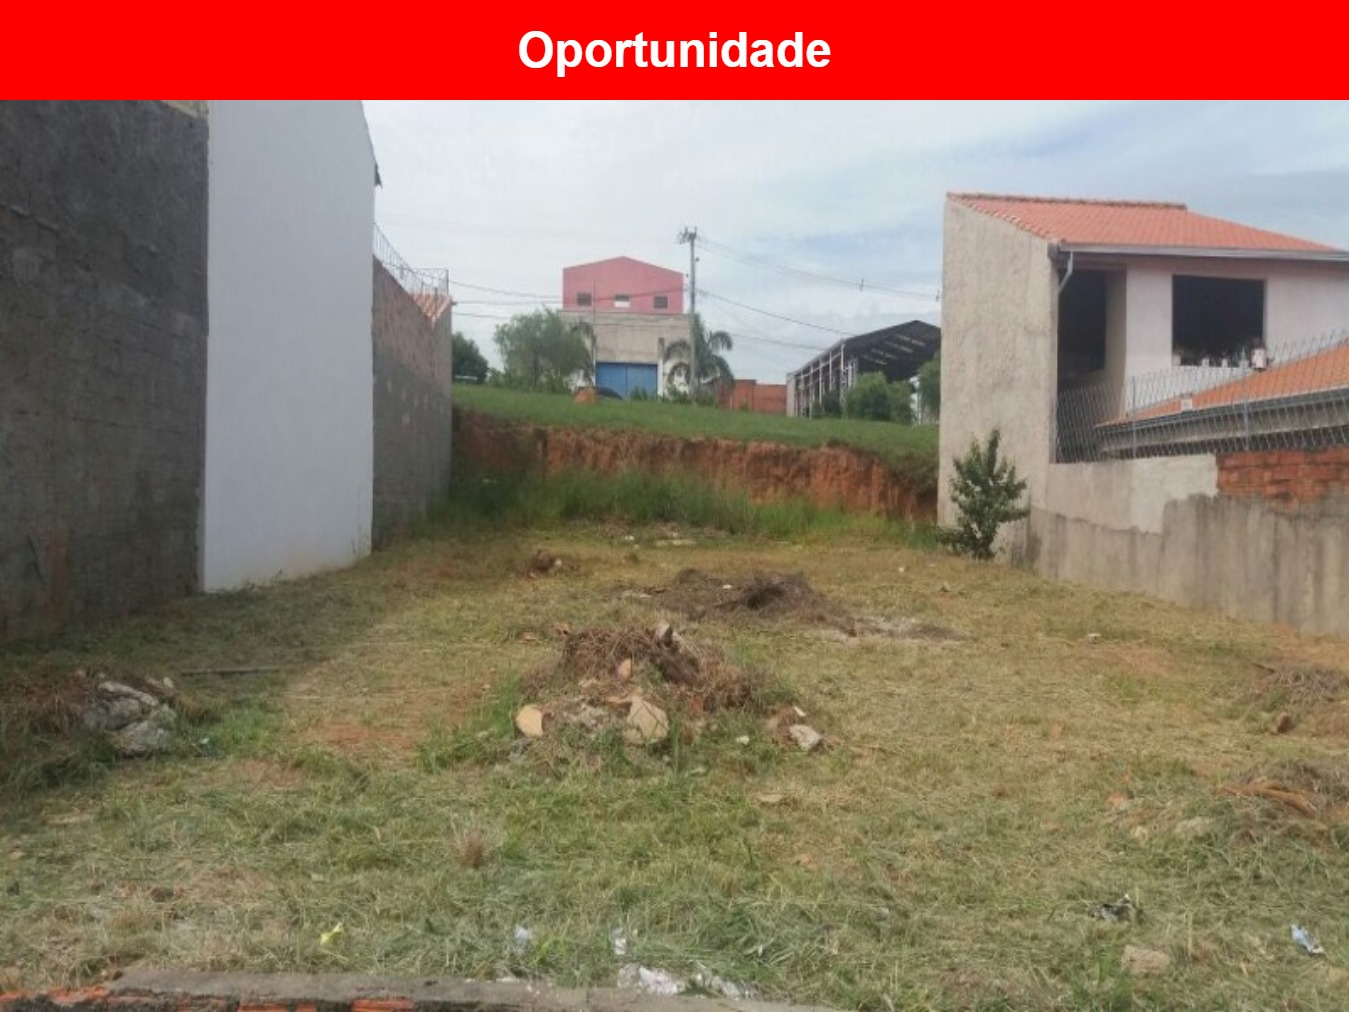 Terreno a venda no JARDIM SANTA ESMERALDA, Sorocaba - sp